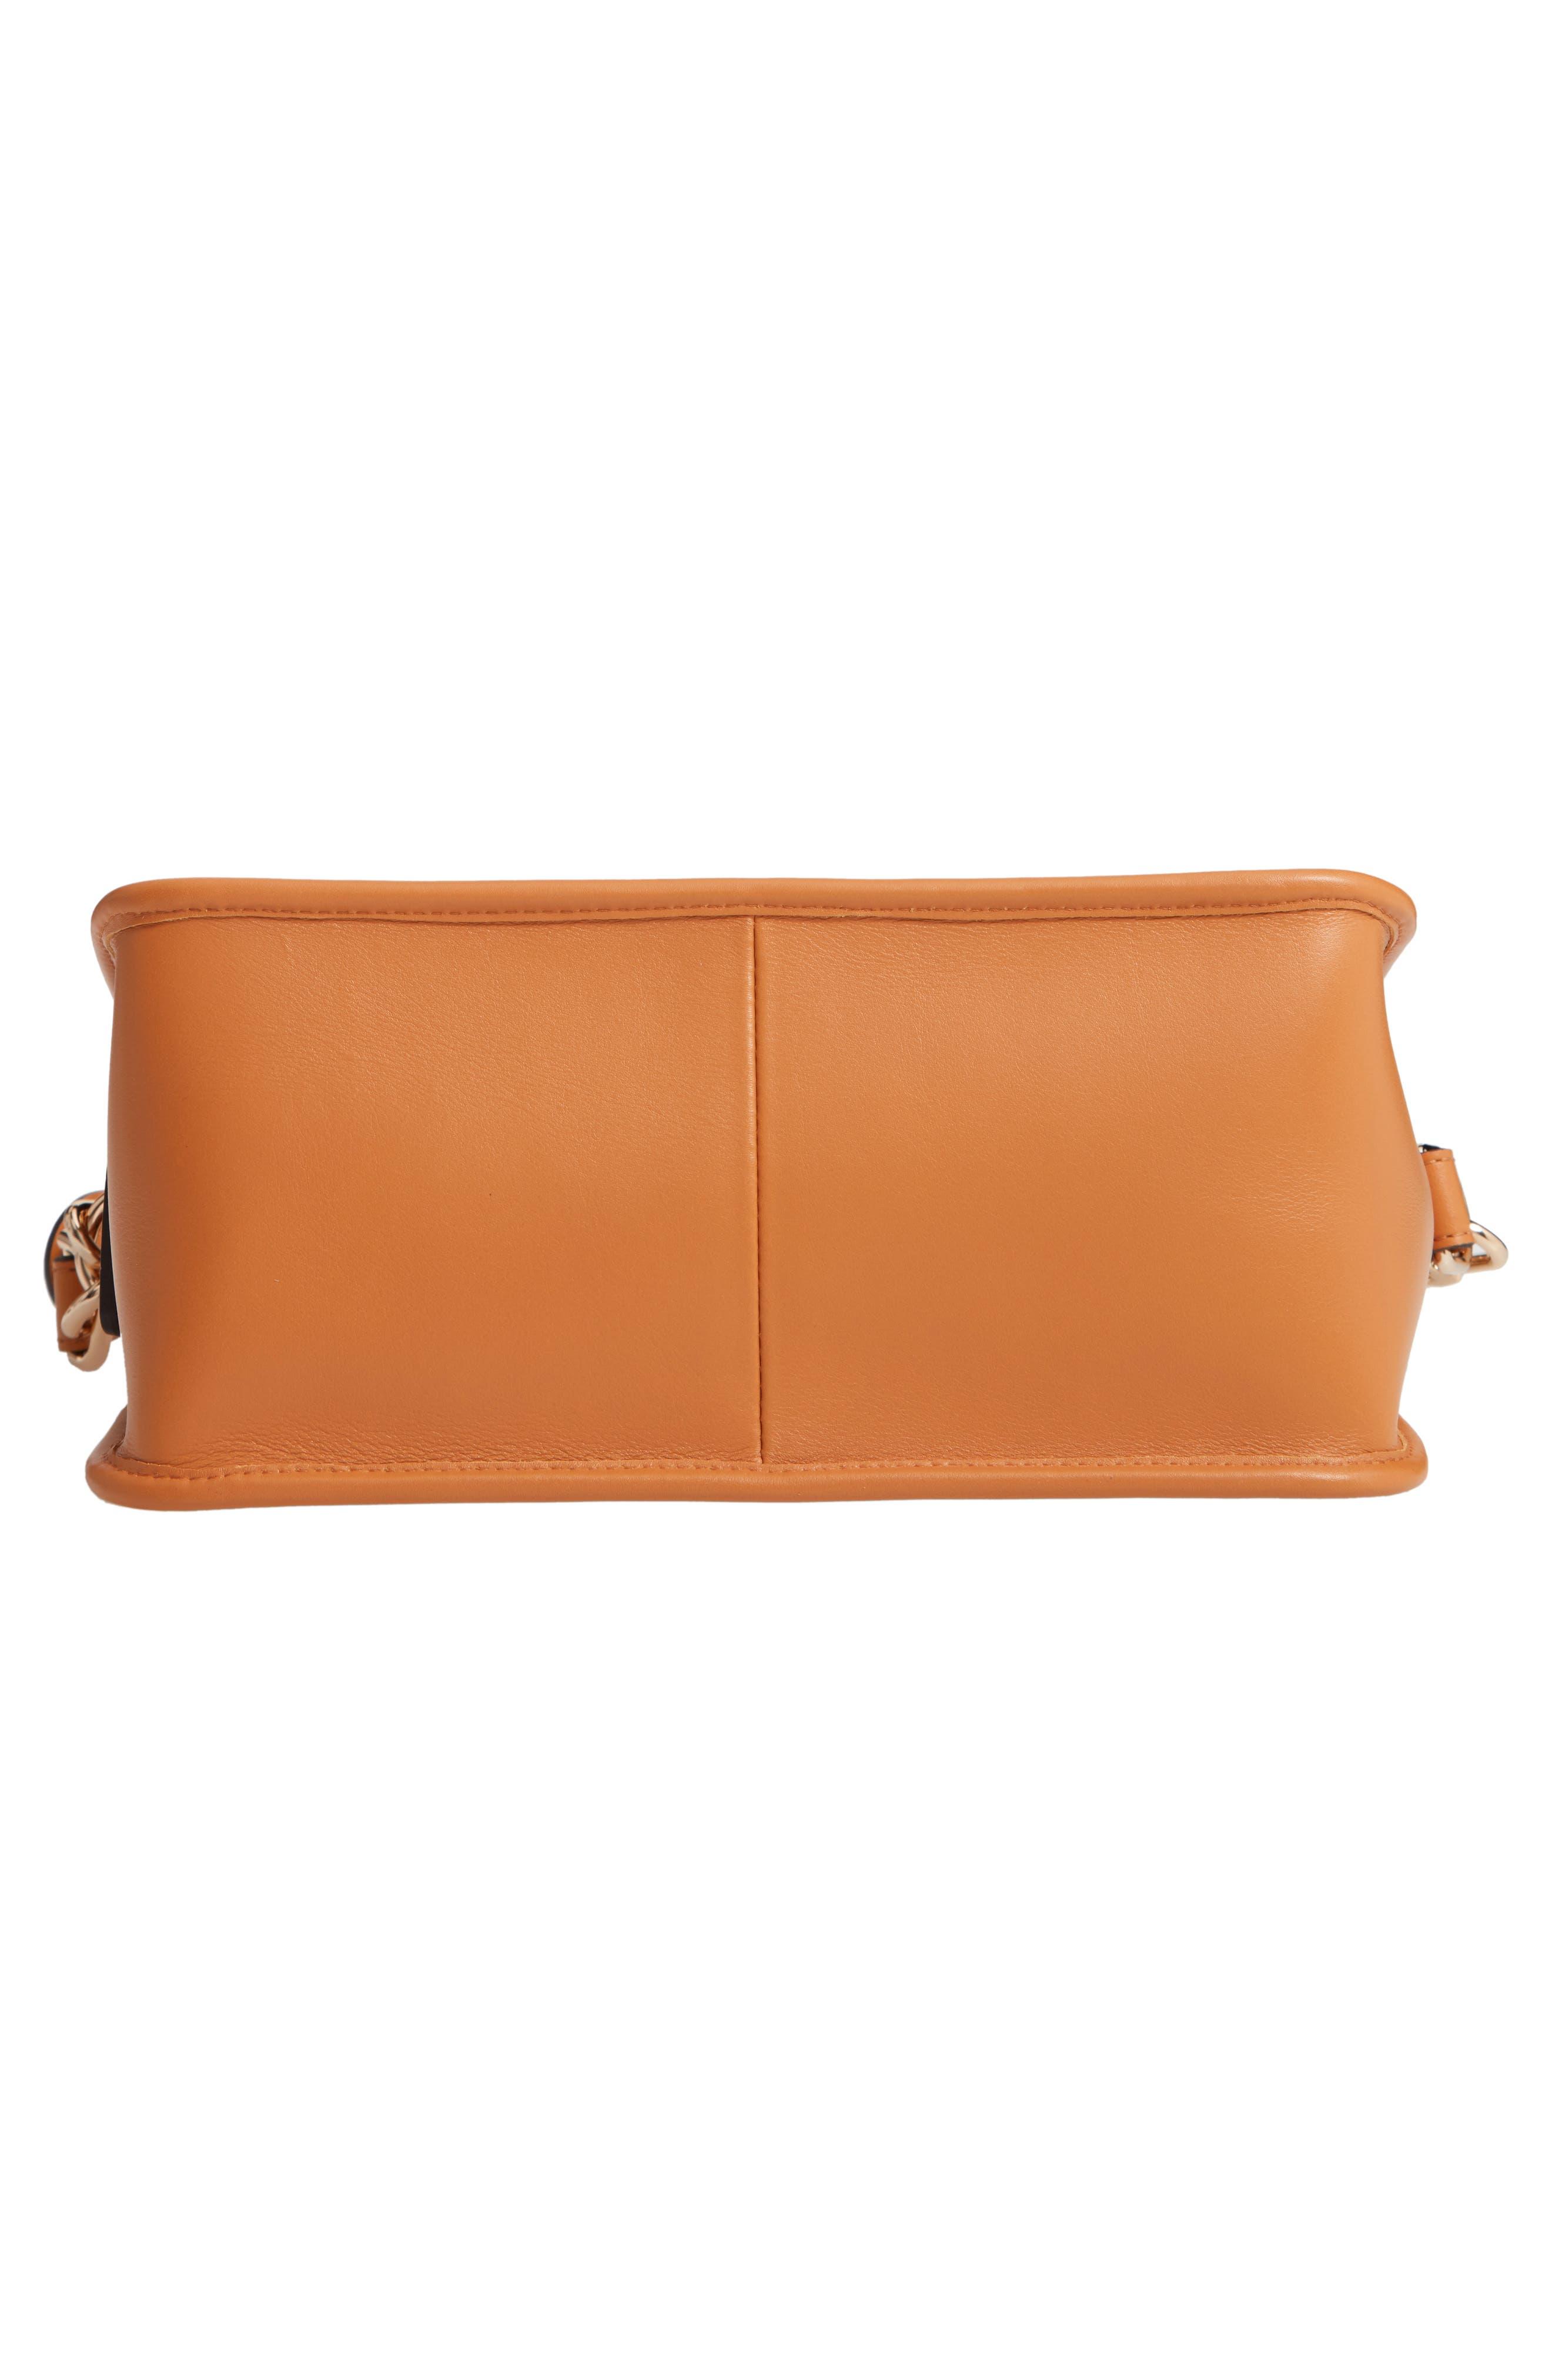 Mademoiselle Calfskin Leather Crossbody Bag,                             Alternate thumbnail 3, color,                             Honey